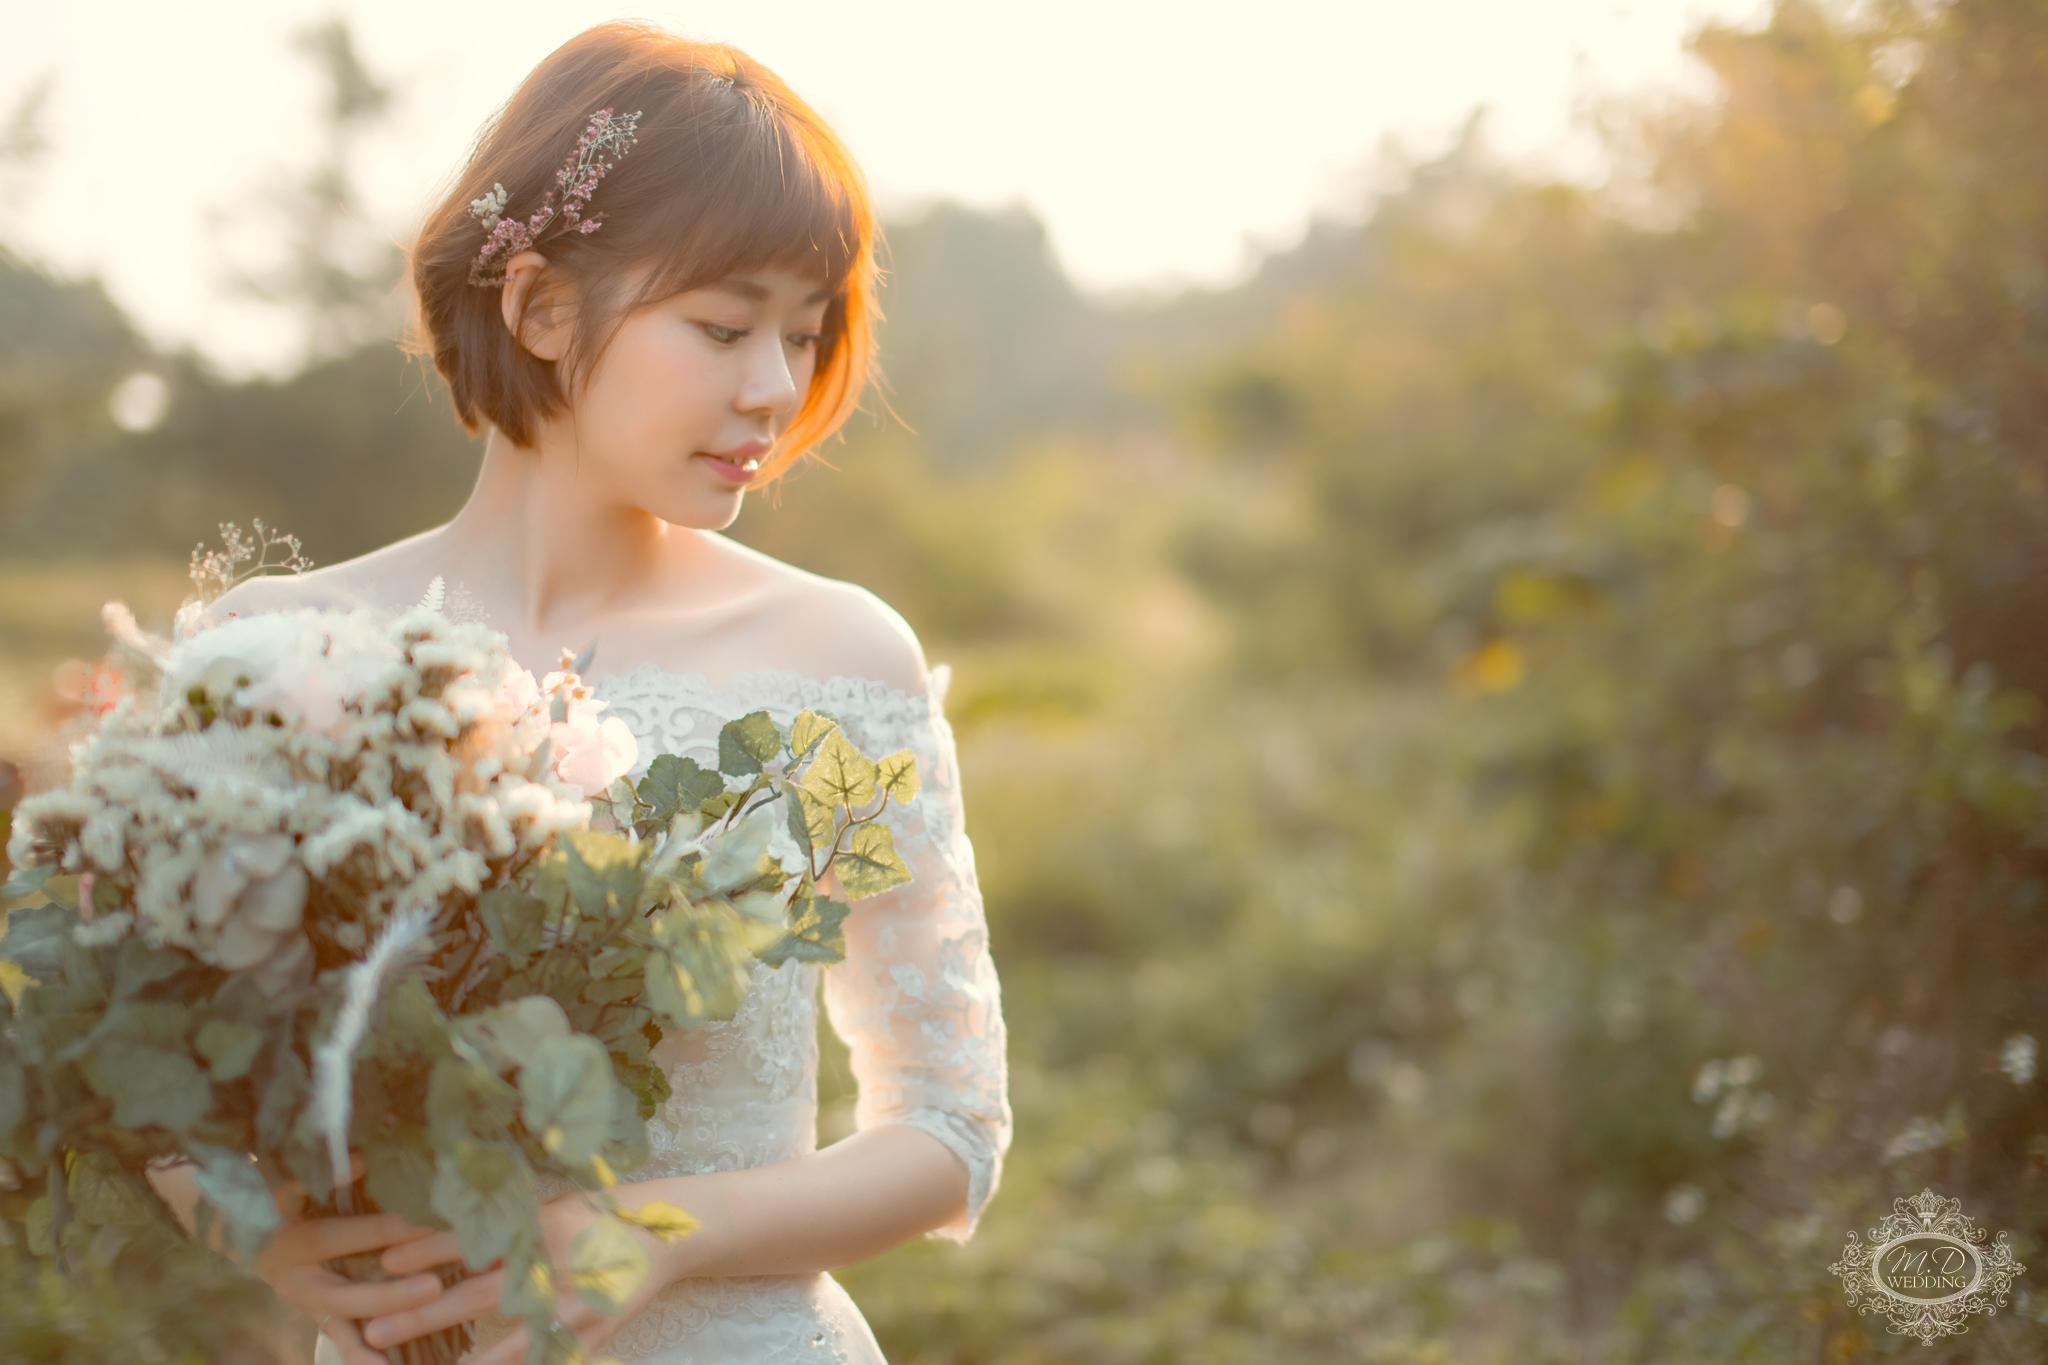 輕婚紗方案 國內婚紗 浪漫風格 海邊夕陽婚紗 陽明山 逆光婚紗 台北婚紗推薦